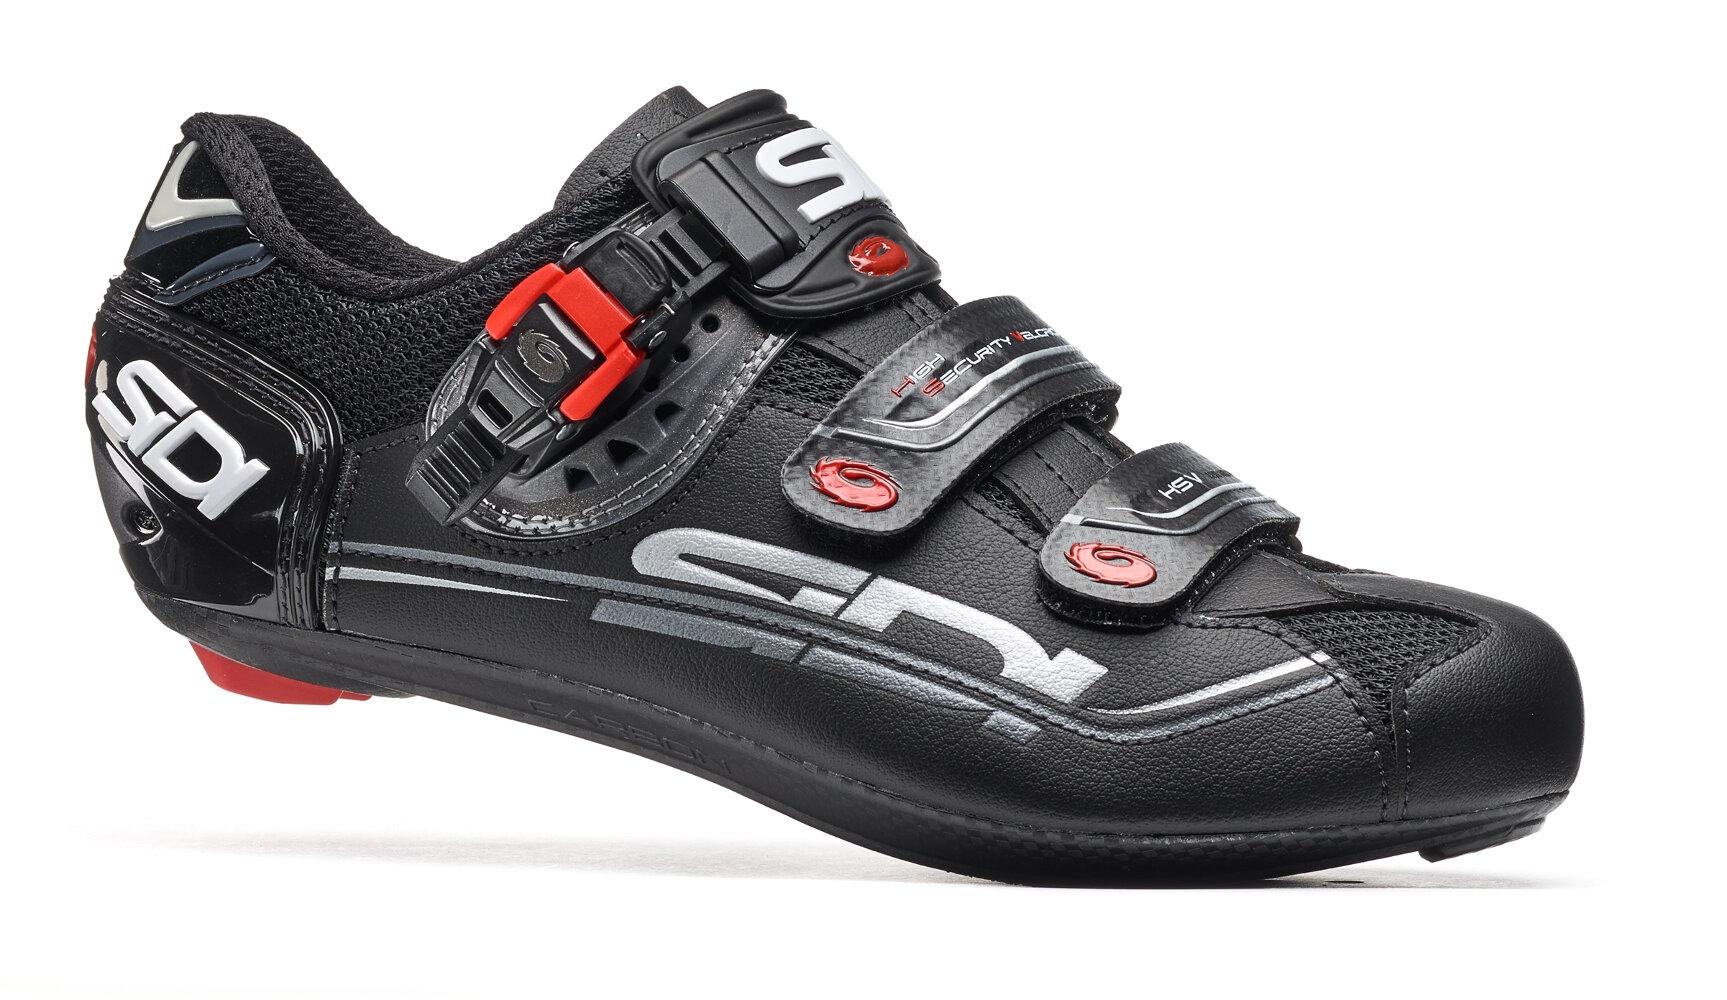 Chaussures Sidi GENIUS 7 MEGA Noir - 45